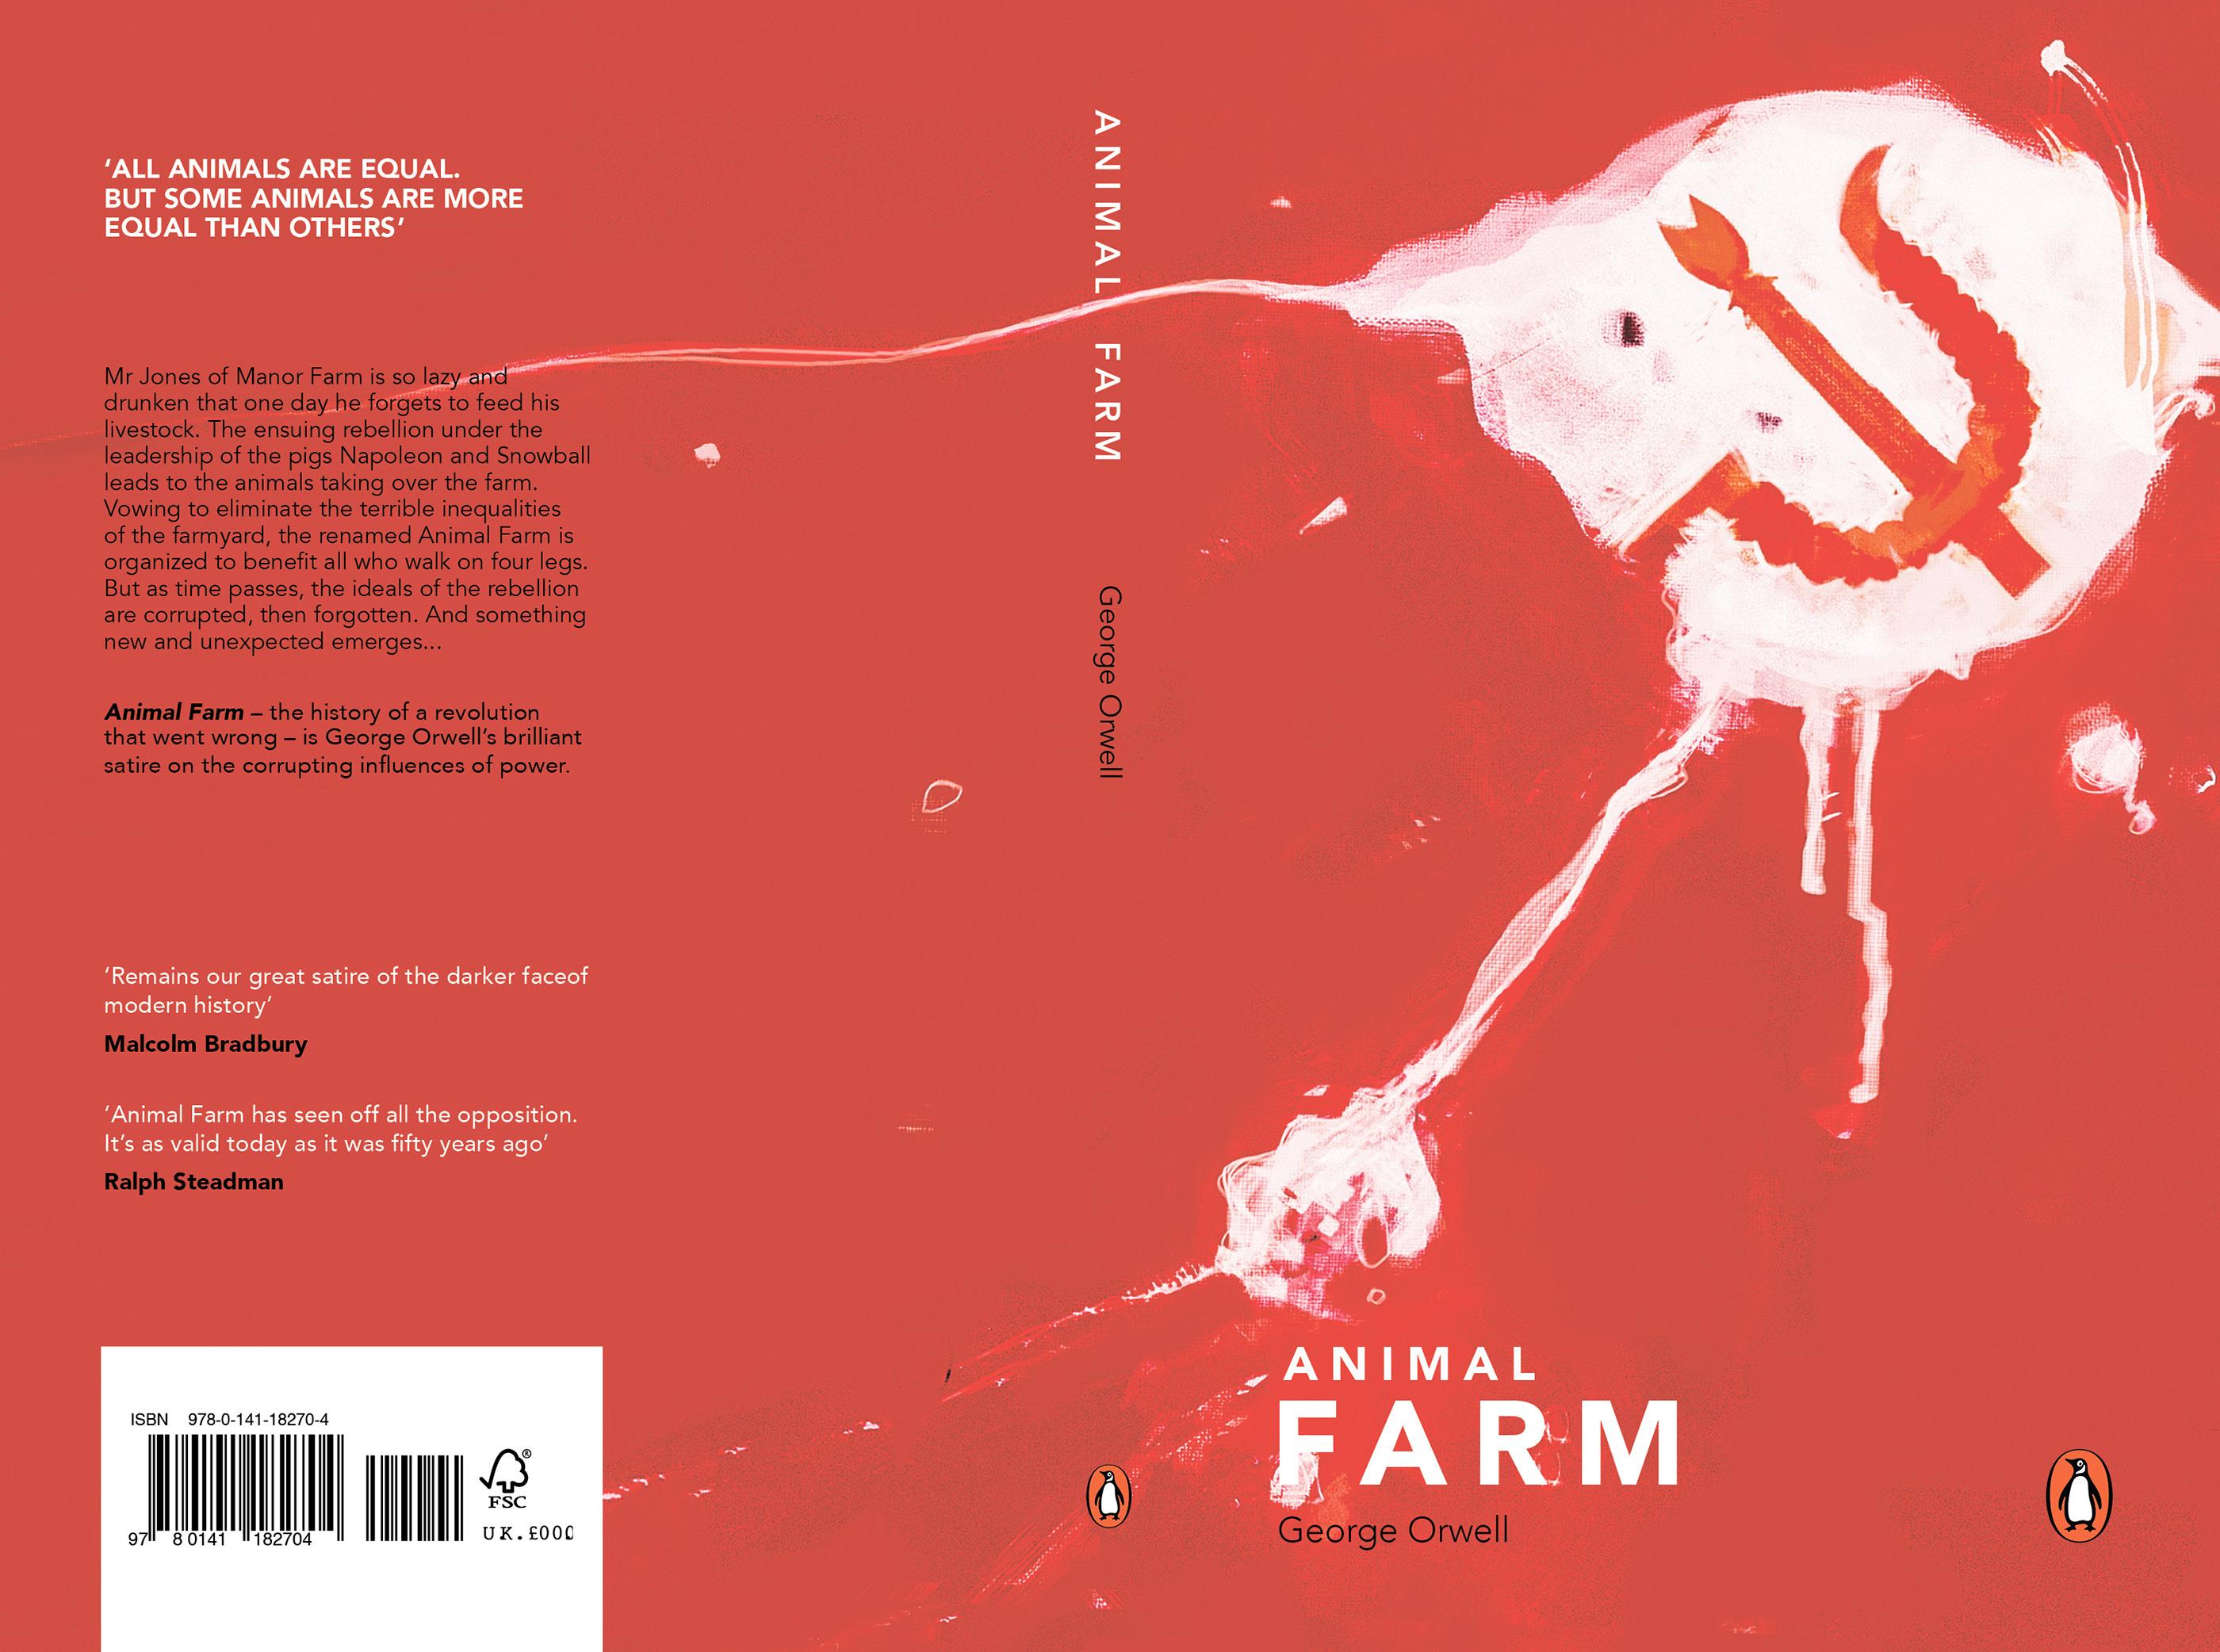 Animal Farm George Orwell On Behance